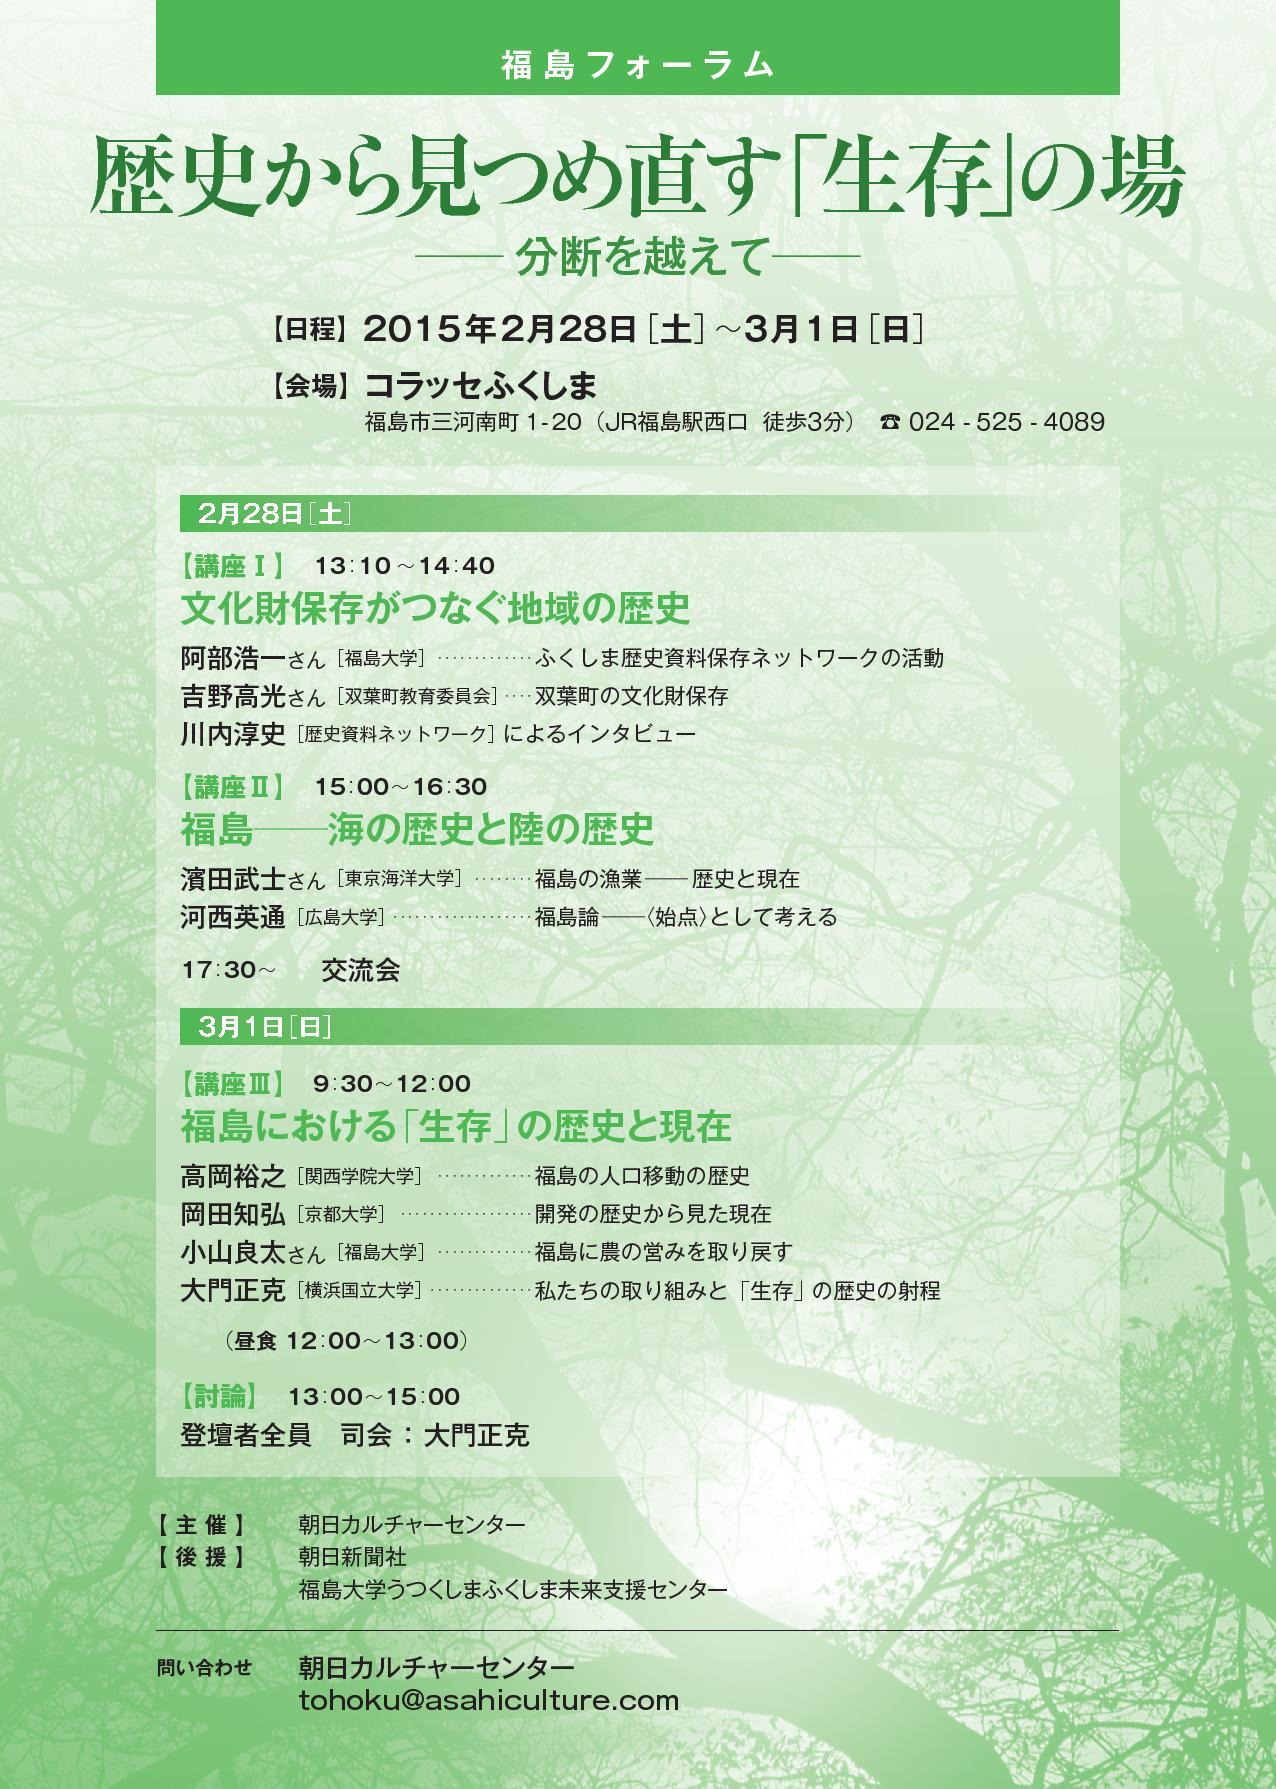 Fukushima_leaflet-page-001.jpg